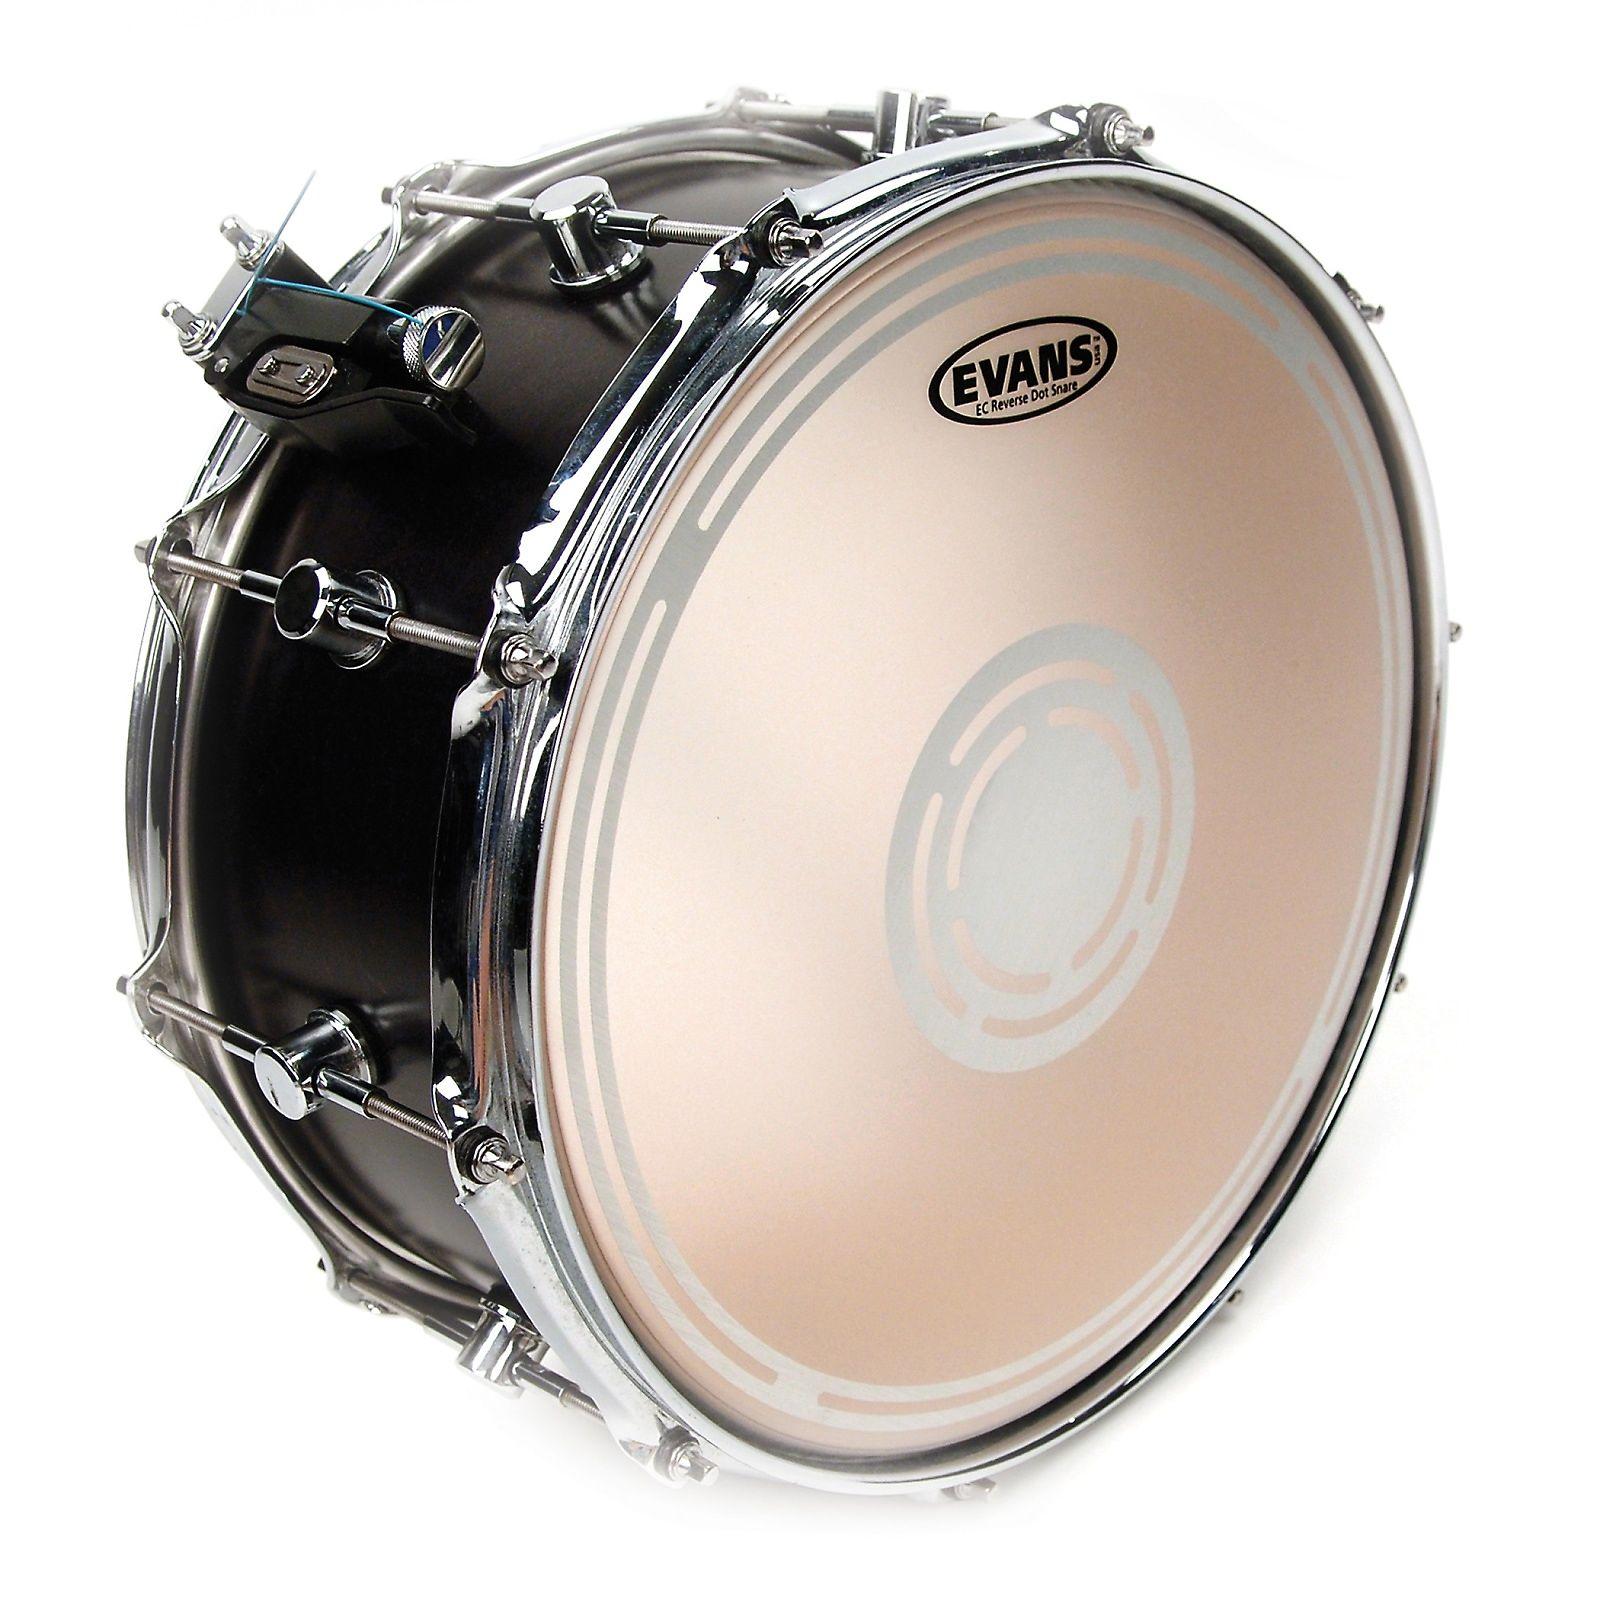 evans b13ec1rd ec1 reverse dot snare batter drum head reverb. Black Bedroom Furniture Sets. Home Design Ideas